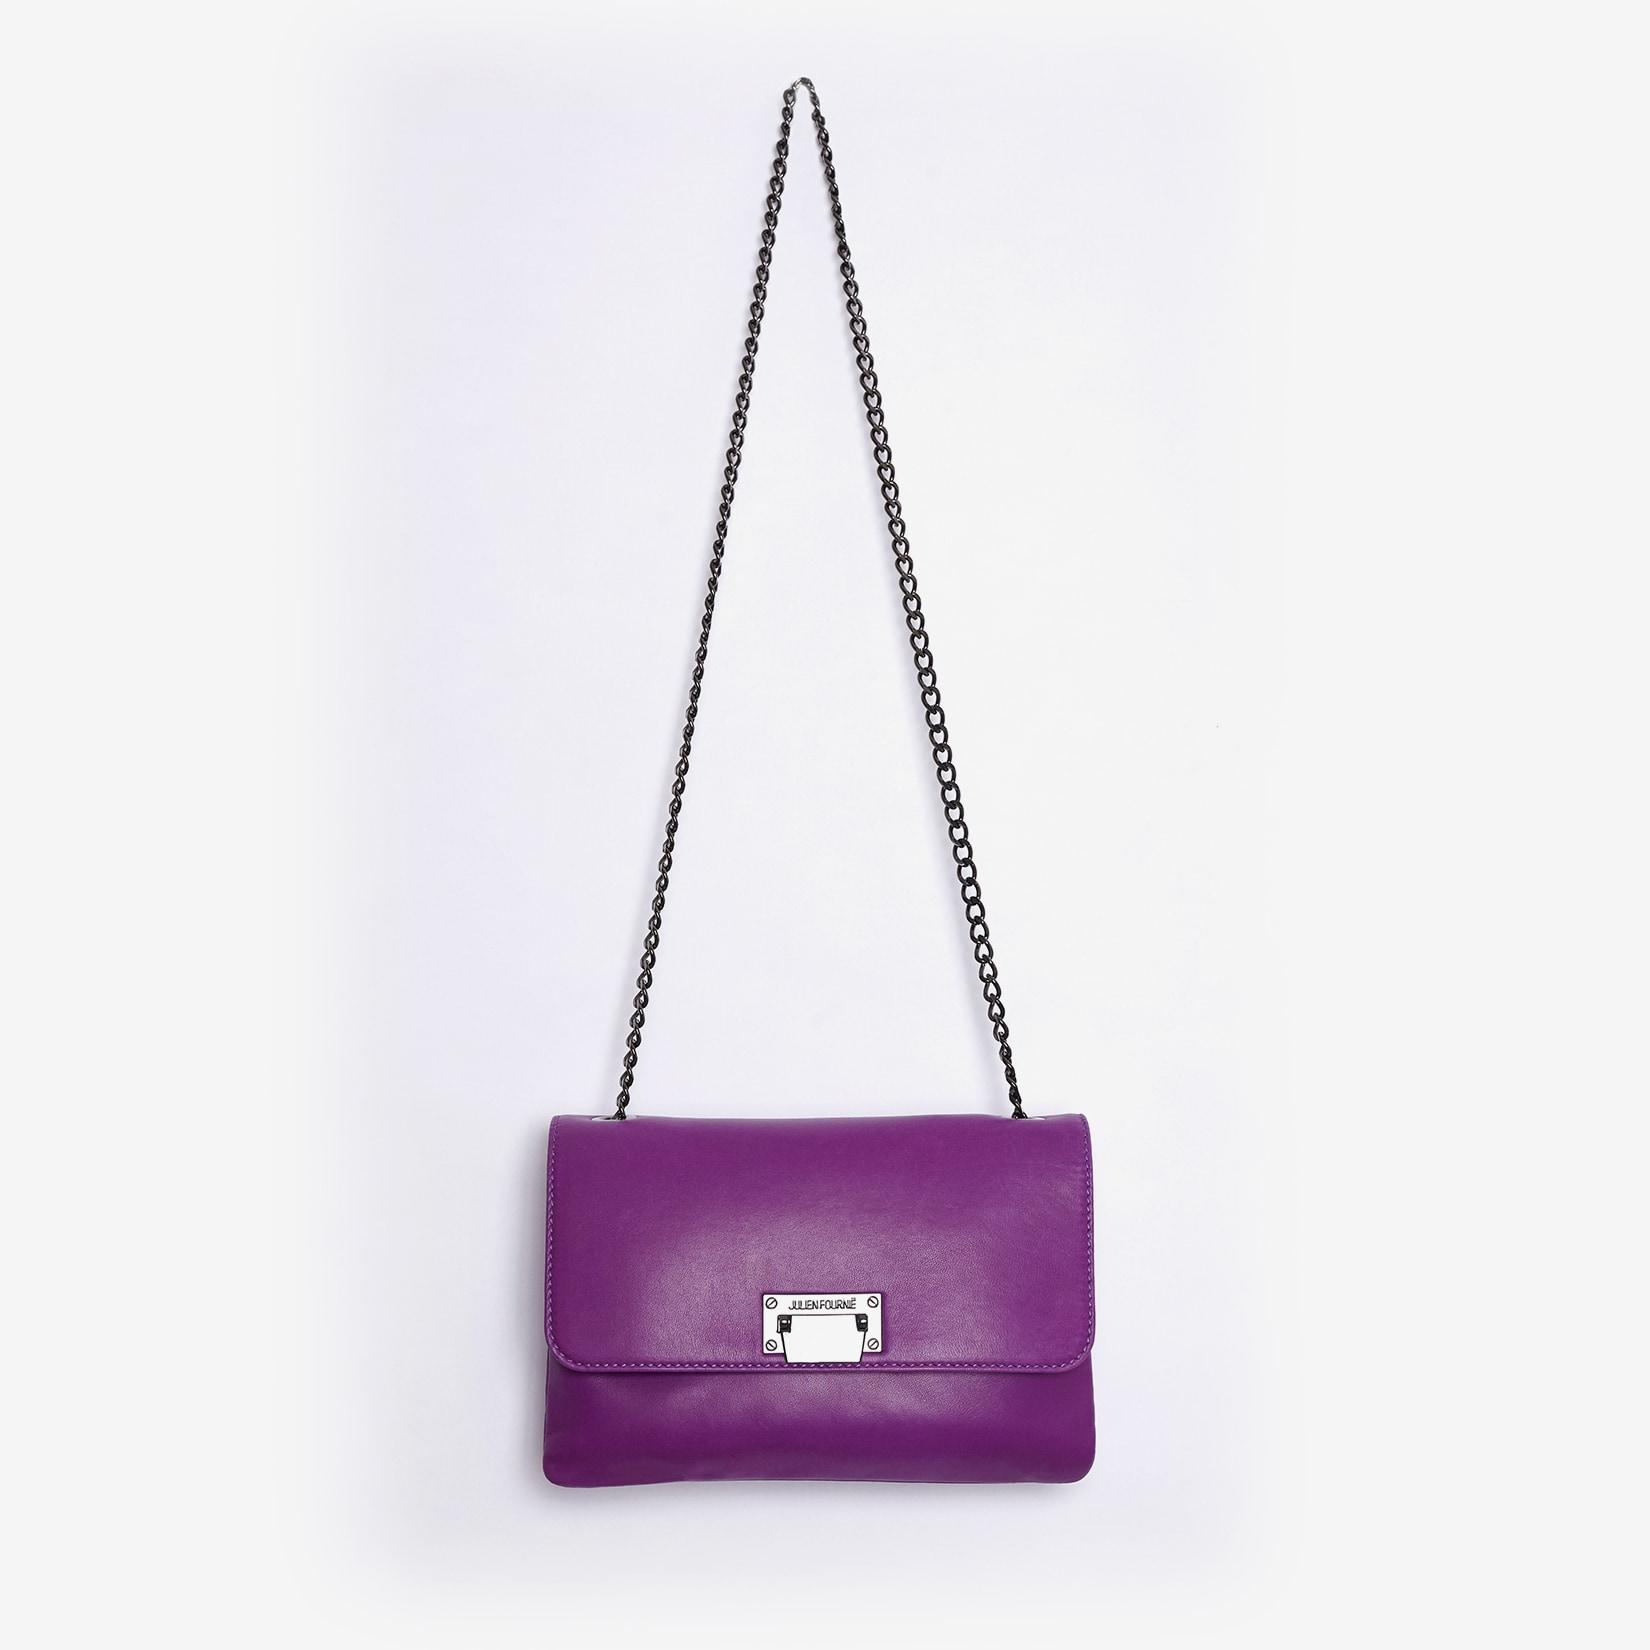 Cyclamen Handbag